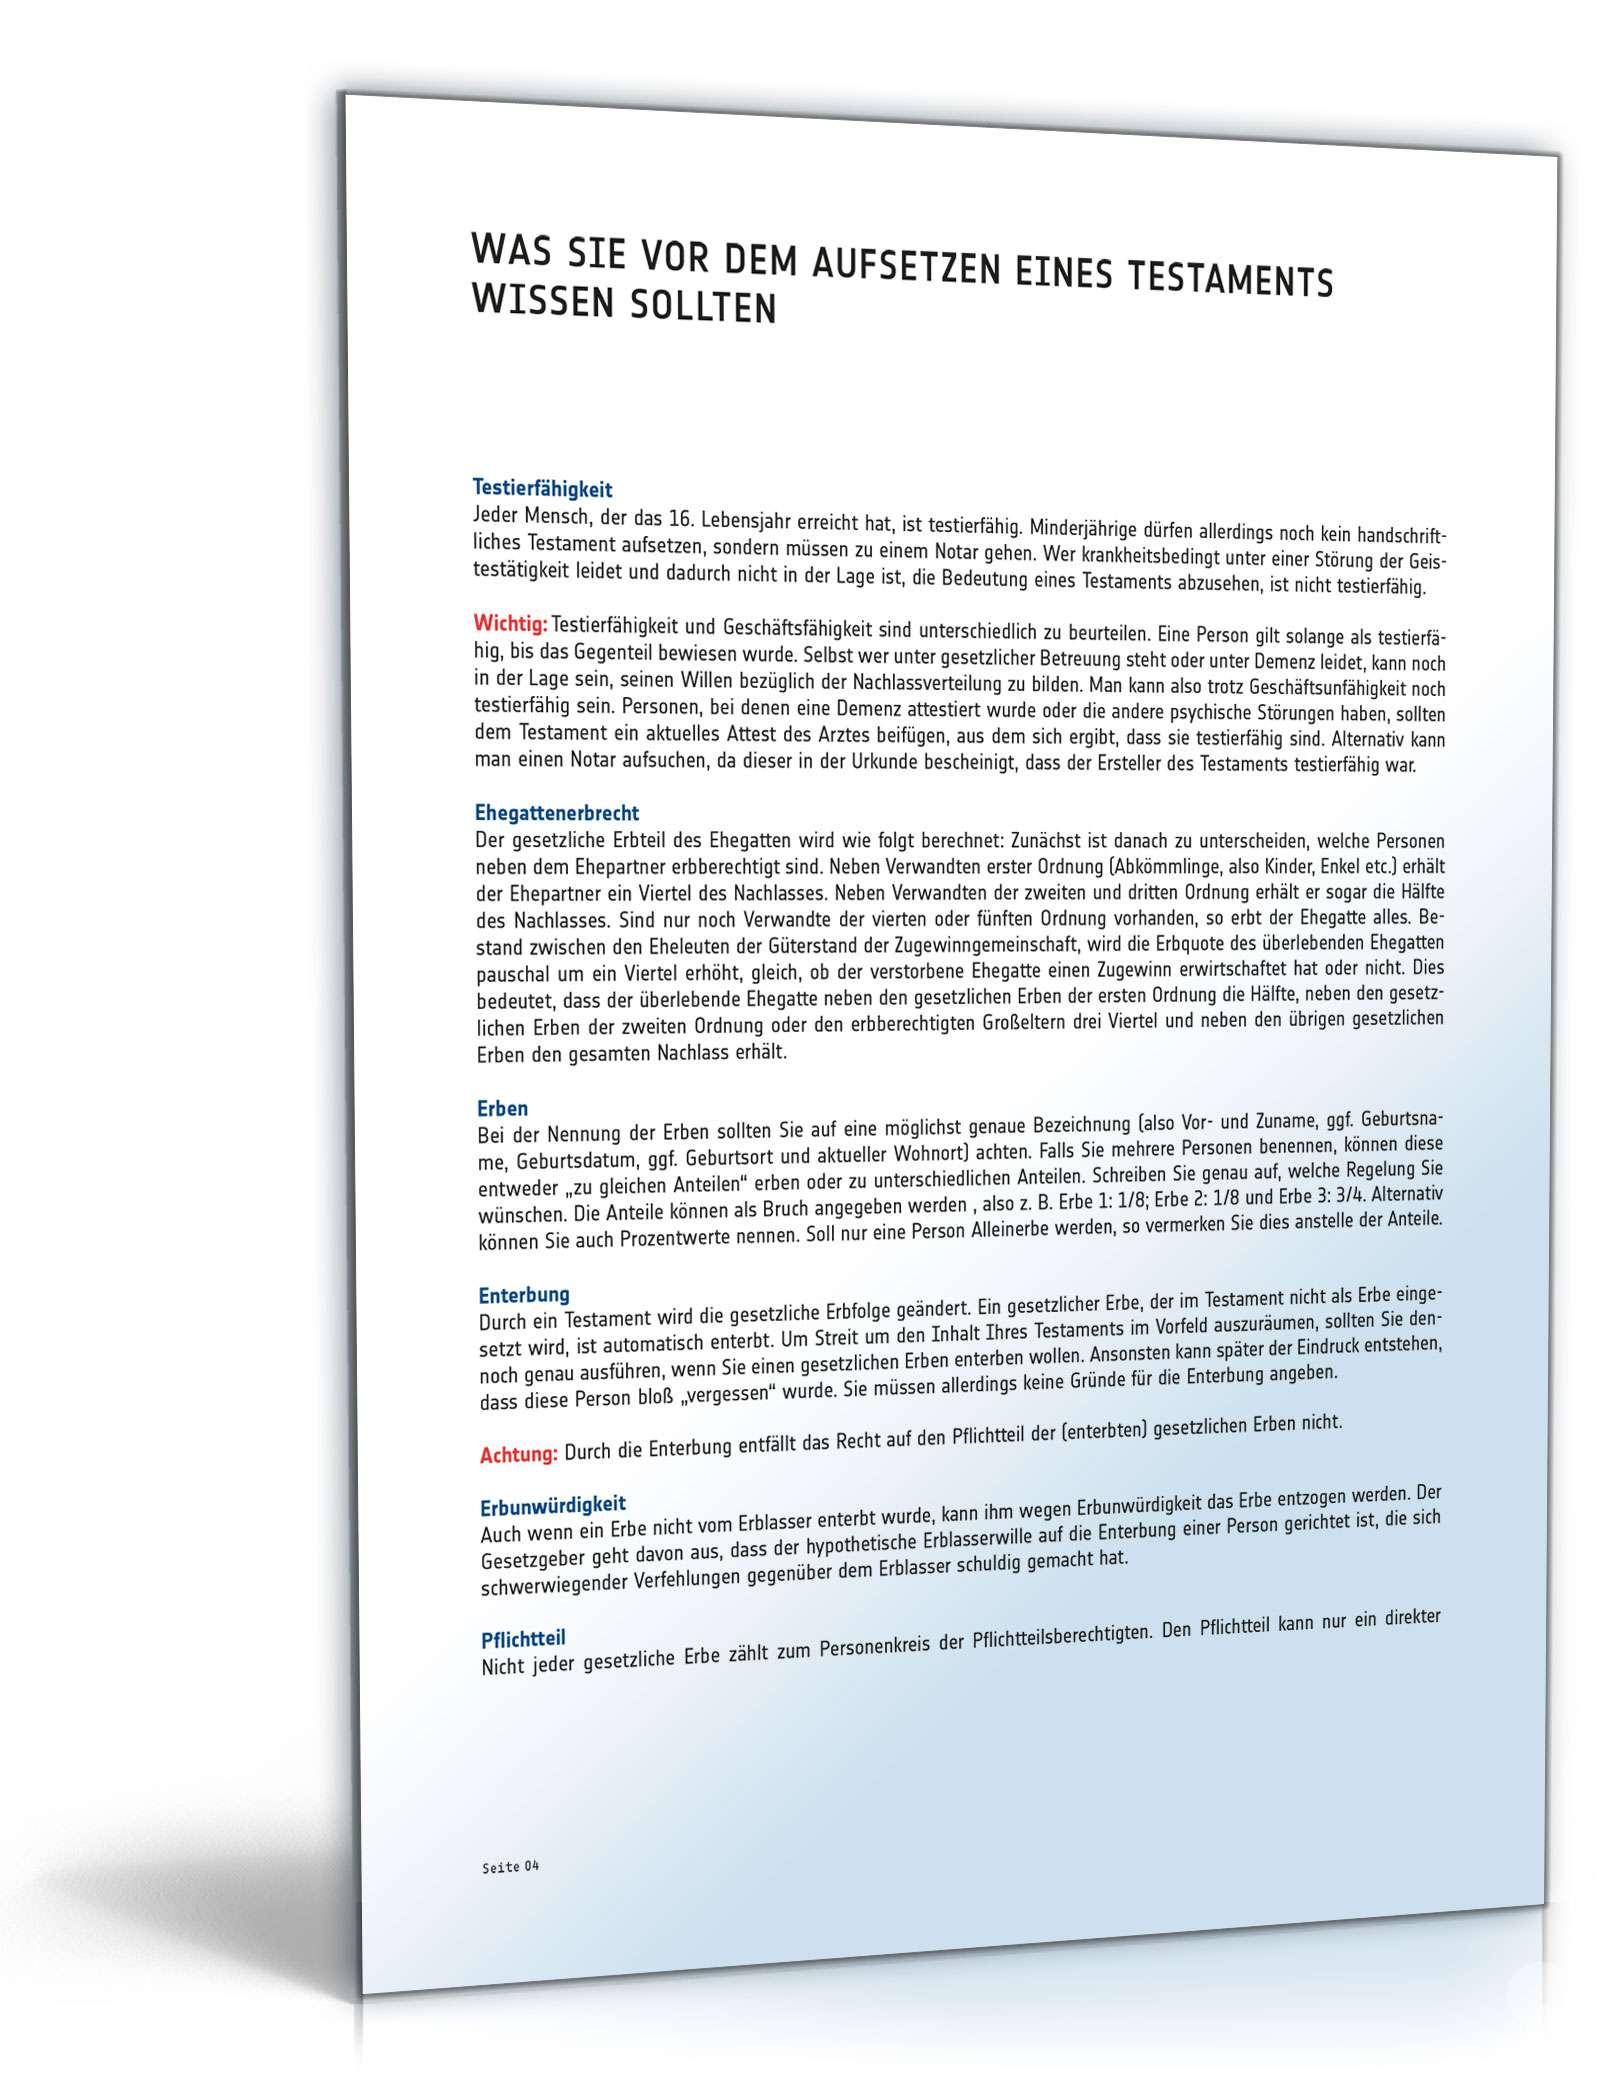 Musterbriefe Notar : Berliner testament vorlage für handschriftliches